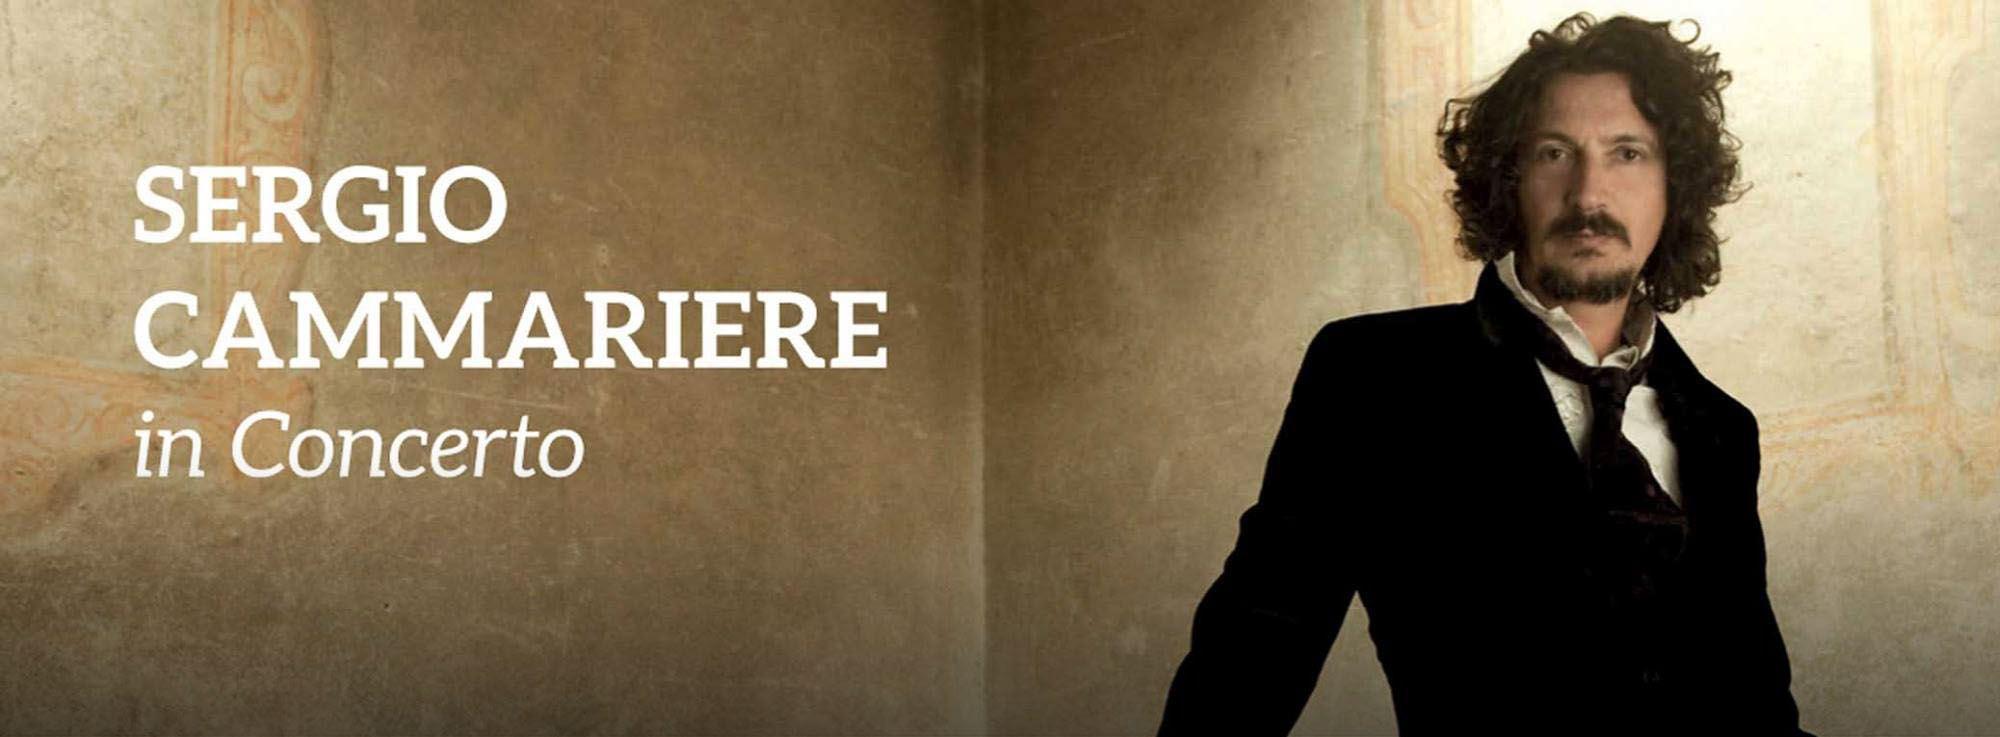 Bari: Sergio Cammariere in Concerto